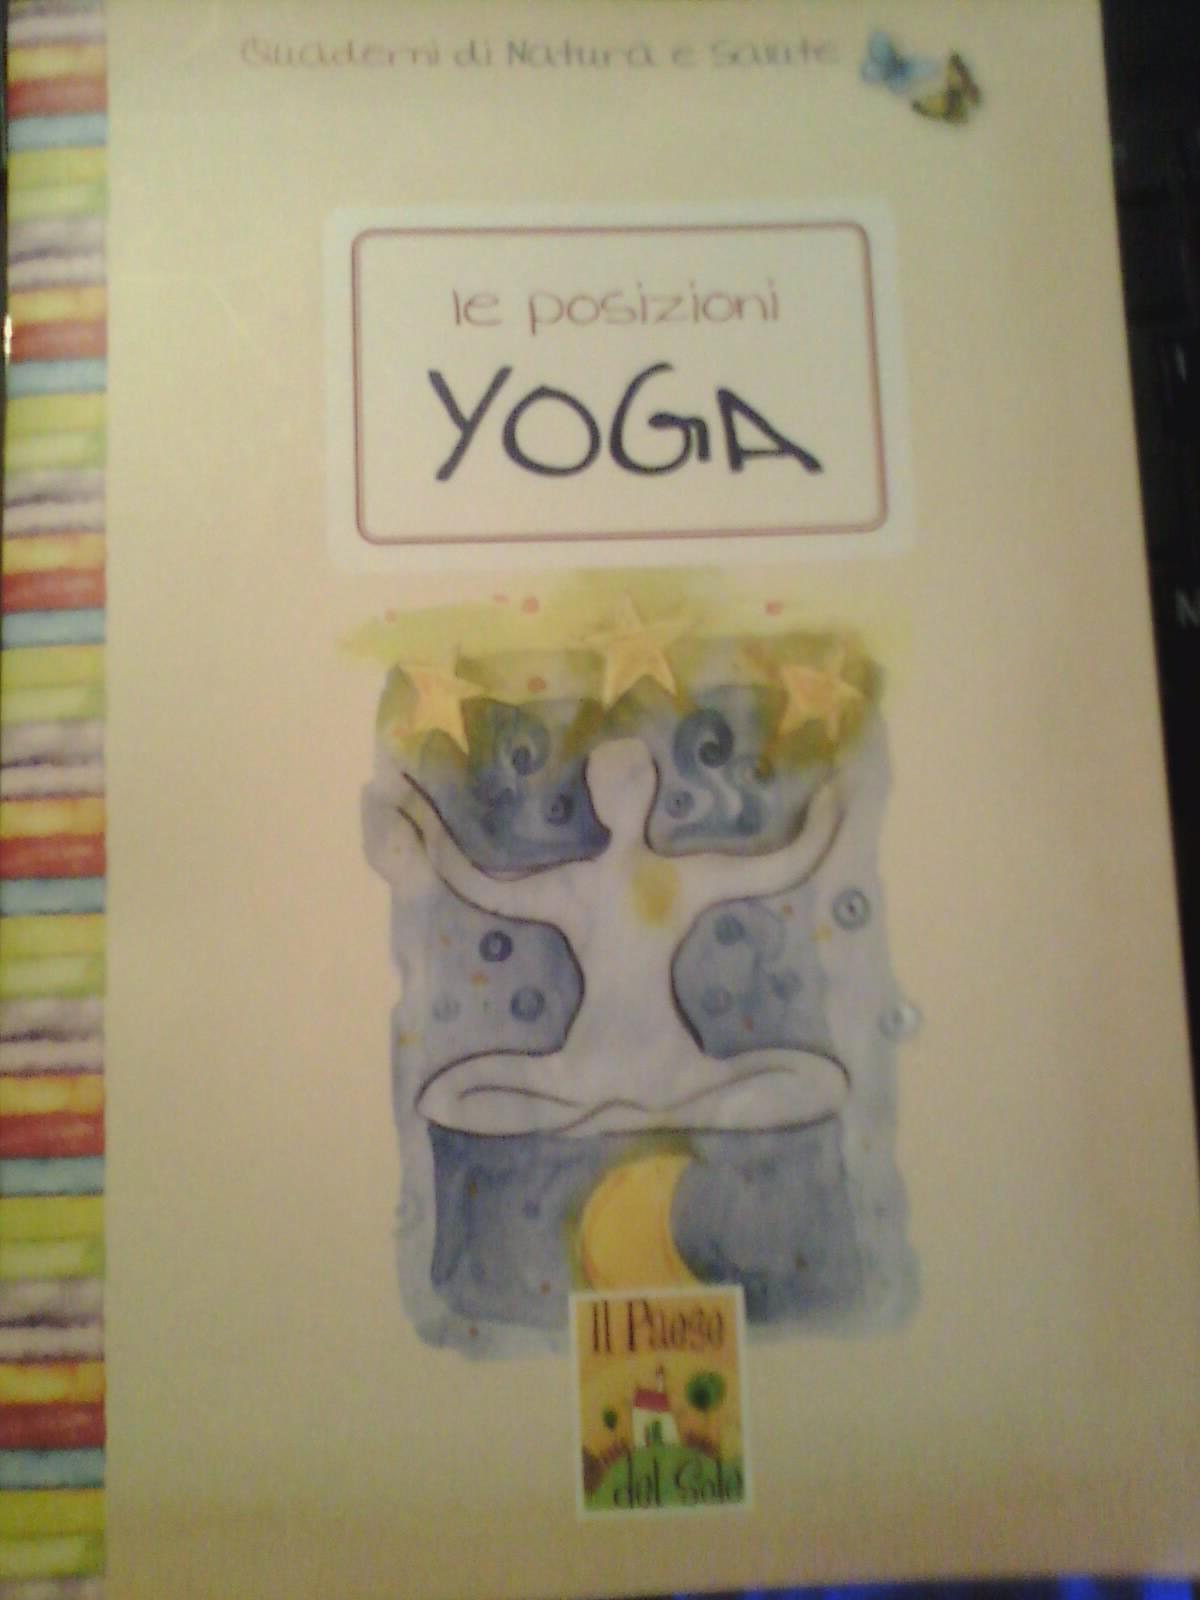 Le posizioni yoga